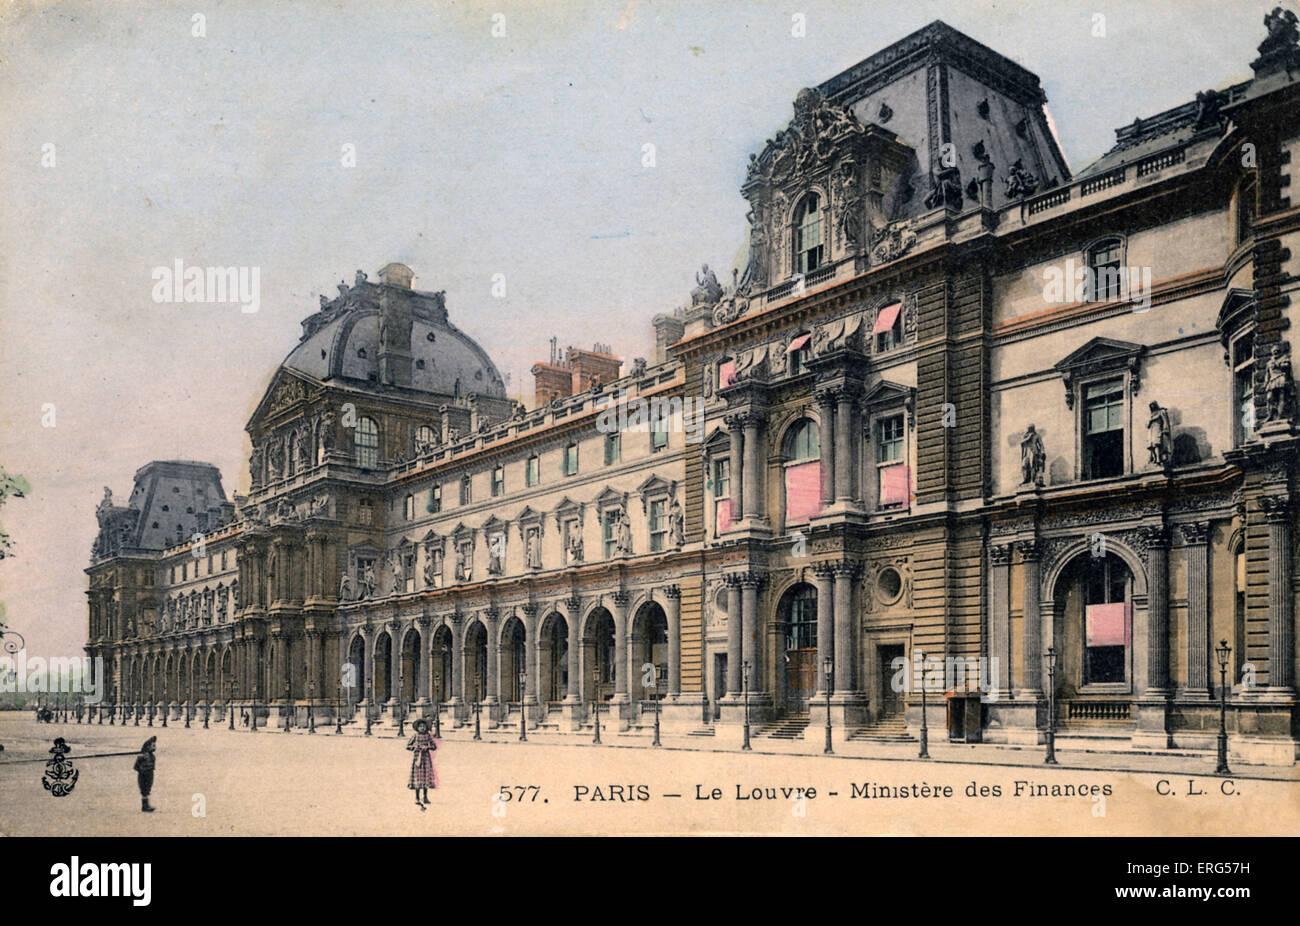 paris-france-le-louvre-ministere-des-finances-the-louvre-ministry-ERG57H.jpg